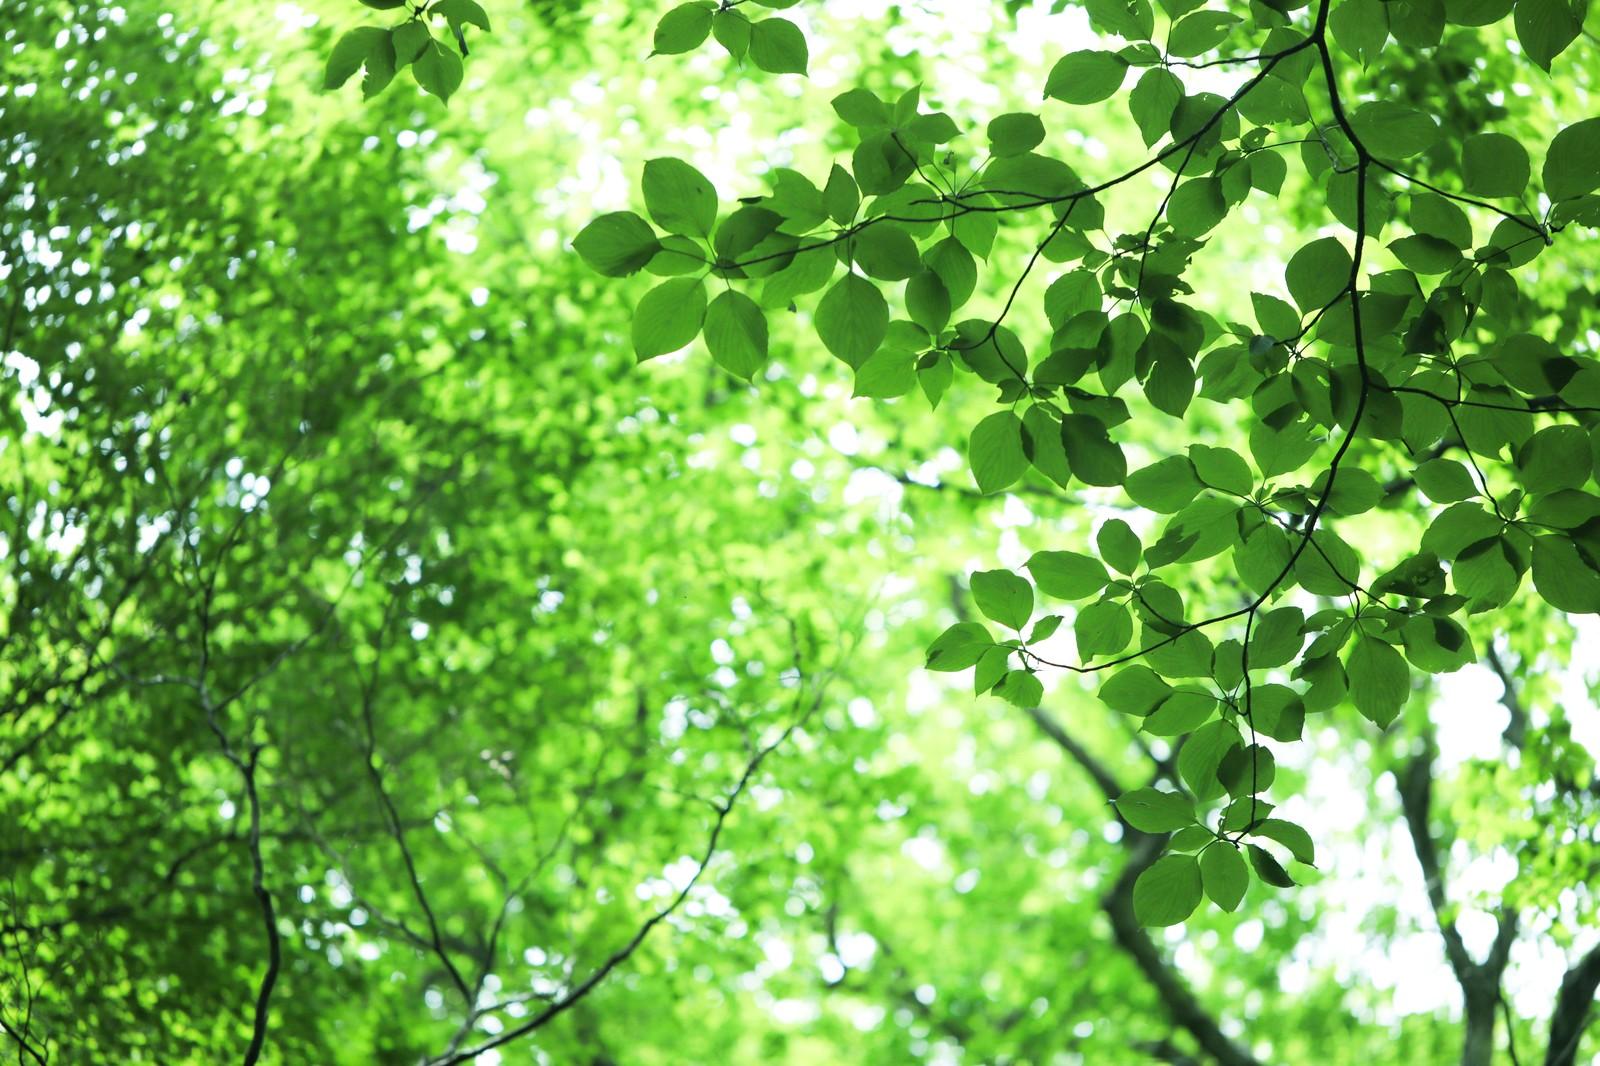 「樹ガーデン」は鎌倉で話題の天空カフェ!まるでラピュタの世界のようで神秘的!